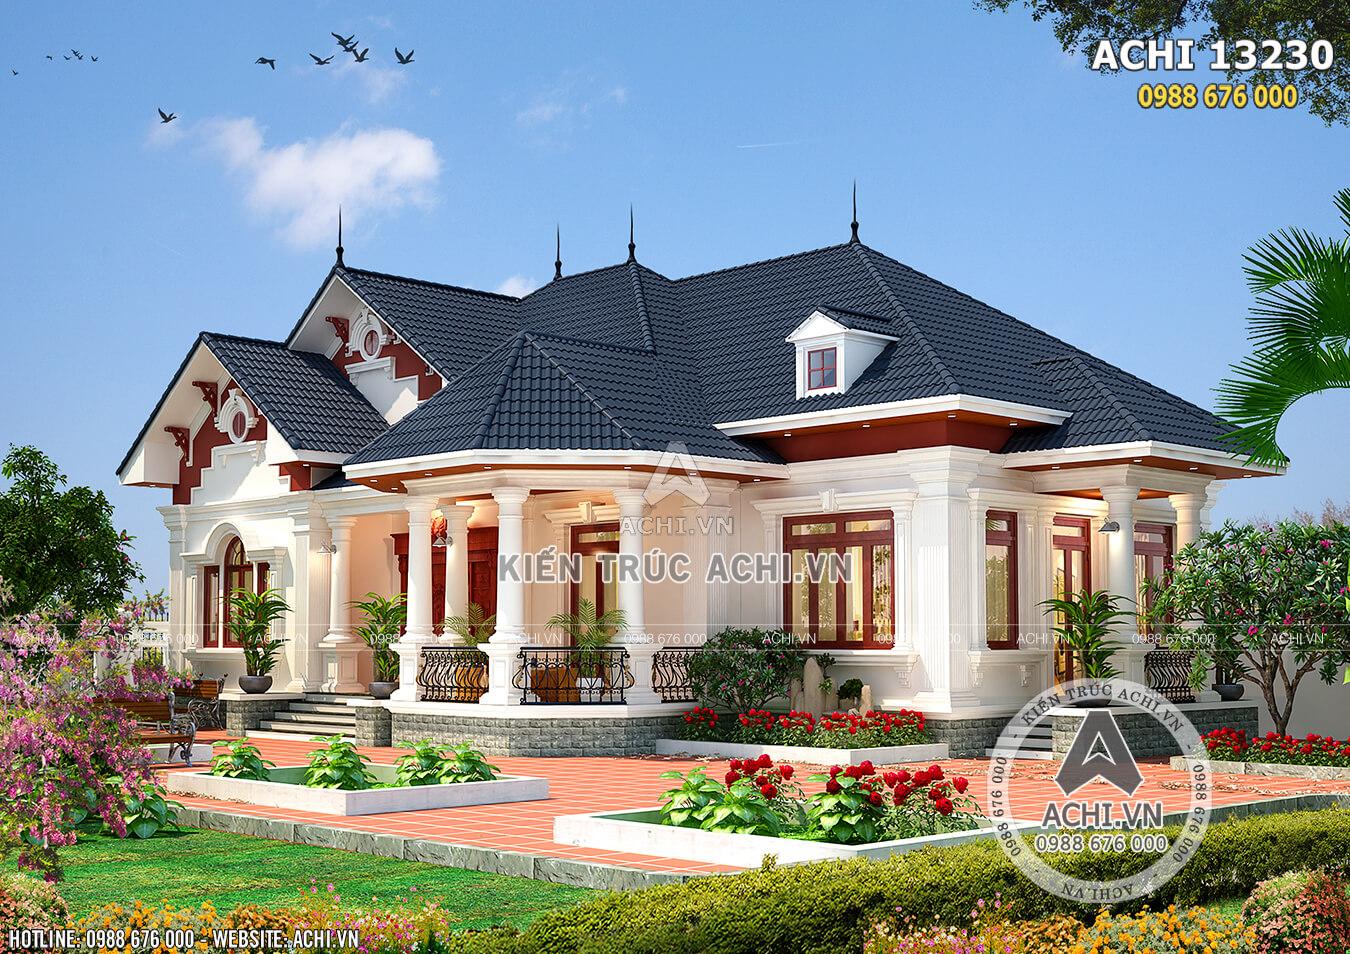 Mẫu thiết kế nhà vườn đẹp 1 tầng lầu - Mã số: ACHI 13230